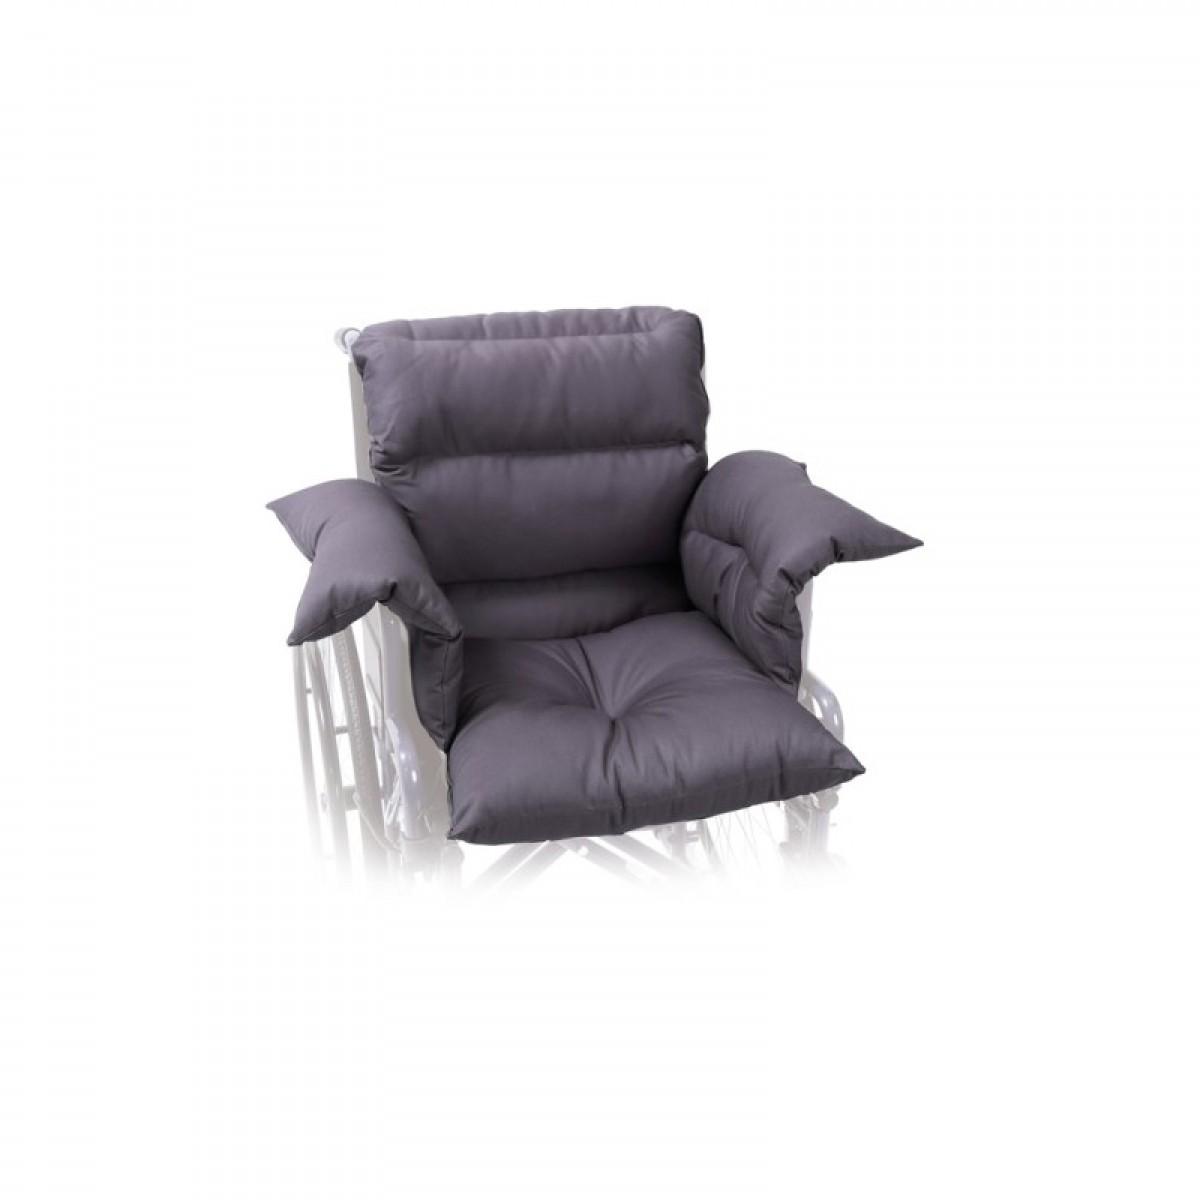 Cuscino Antidecubito In Fibra Cava Siliconata.Cuscino In Fibra Cava Siliconata Set 3 Elementi Cerniere Fodero